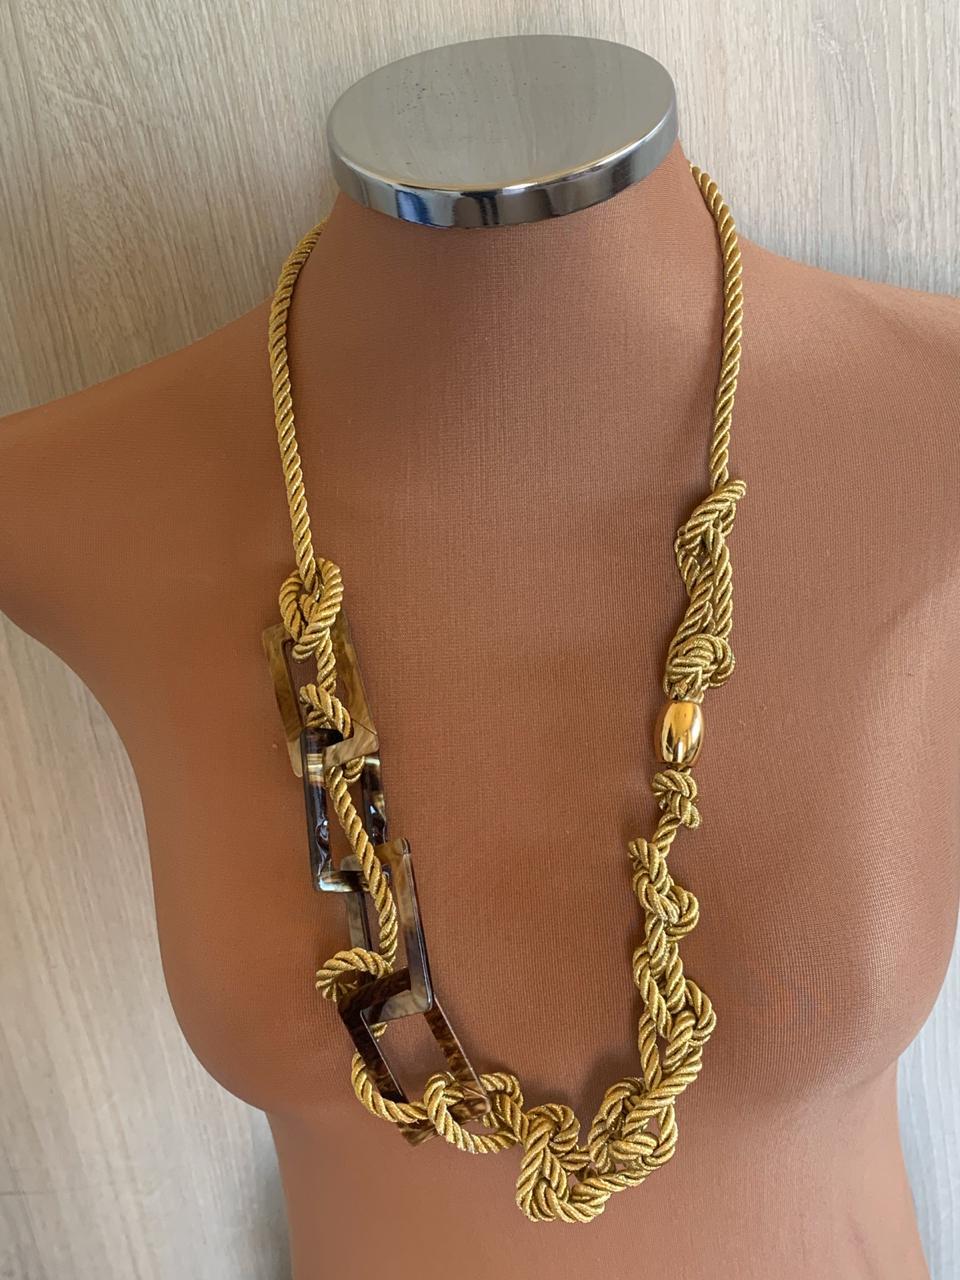 Colar artesanal cordão torcido dourado trançado detalhe dourado e retângulos vazados marrom | CA963